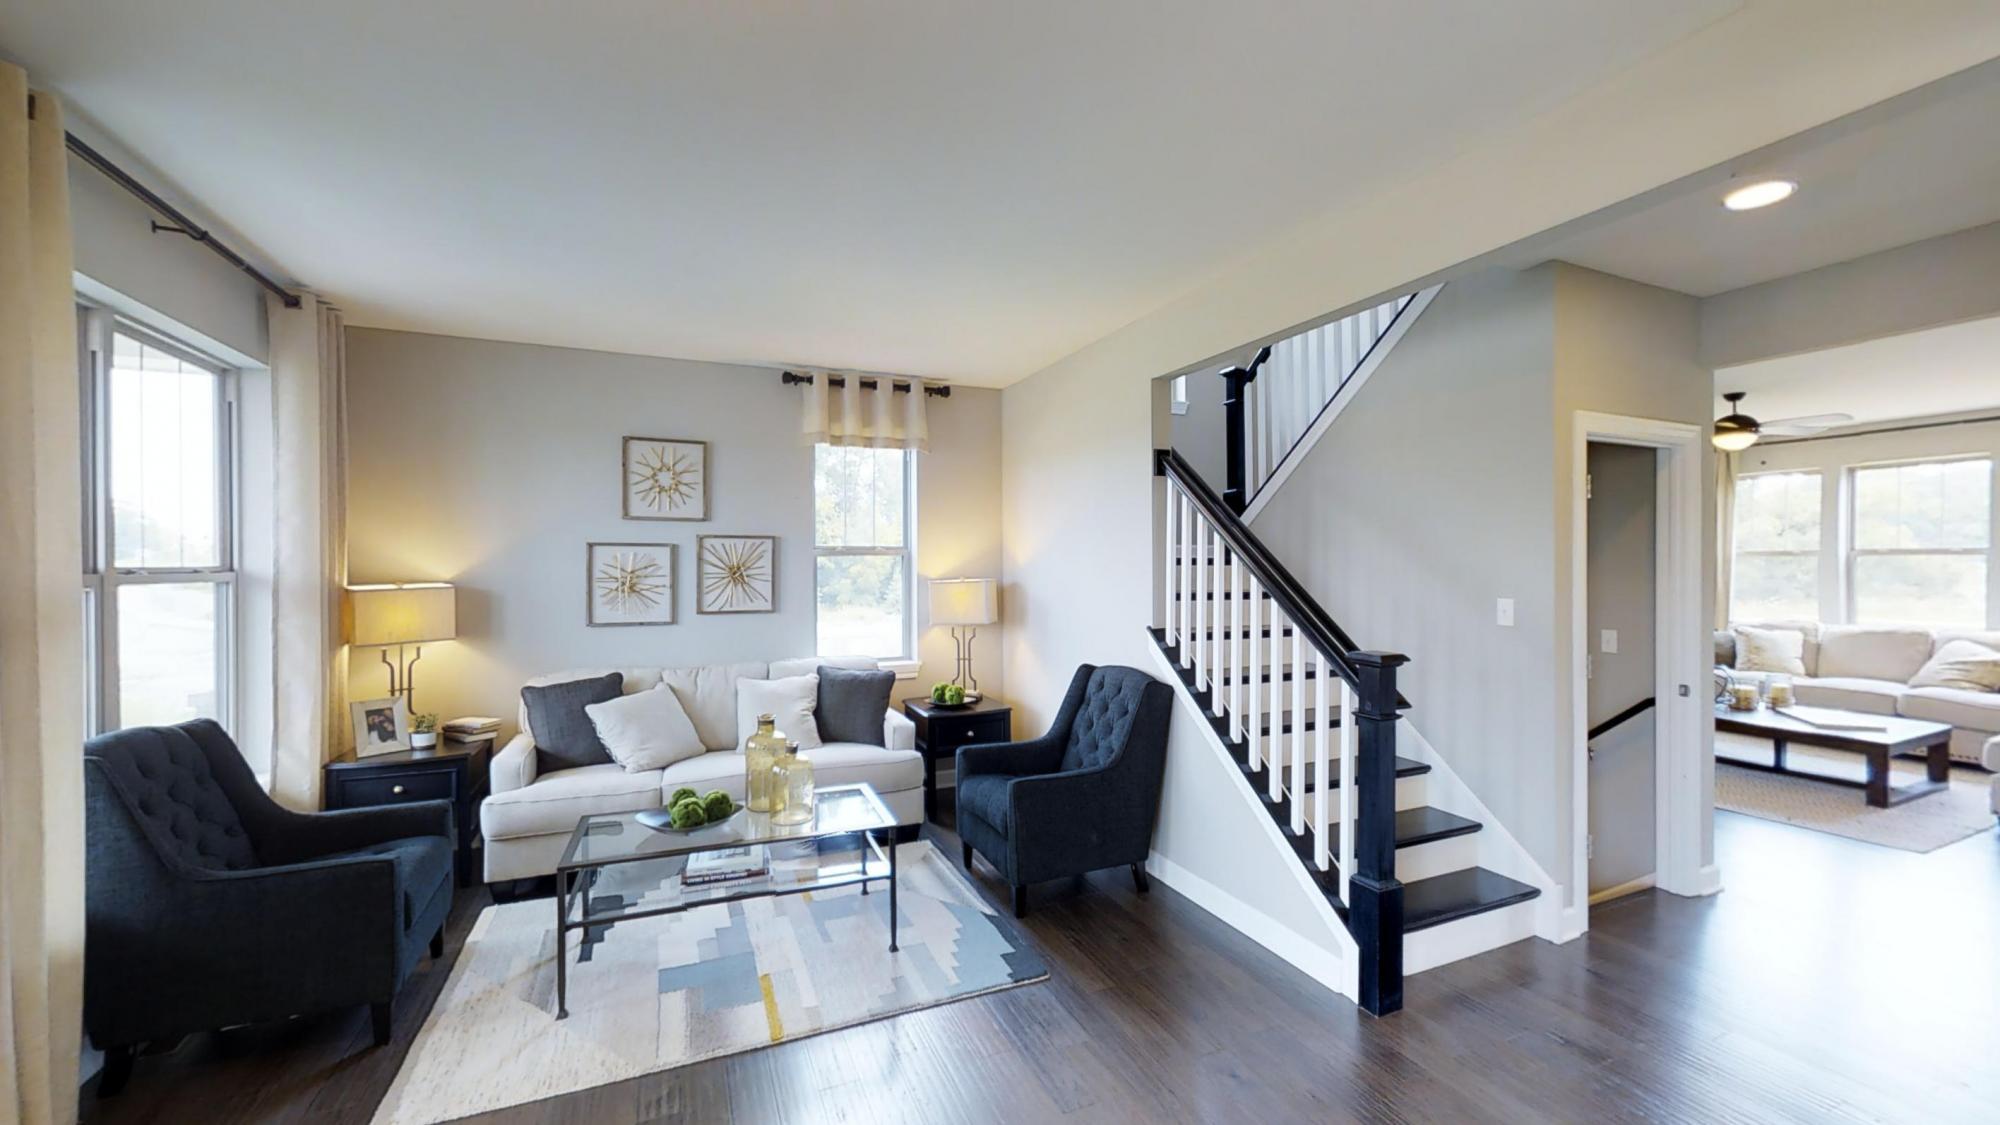 Jericho II New Home Floor Plan – William Ryan Homes Floor Plans